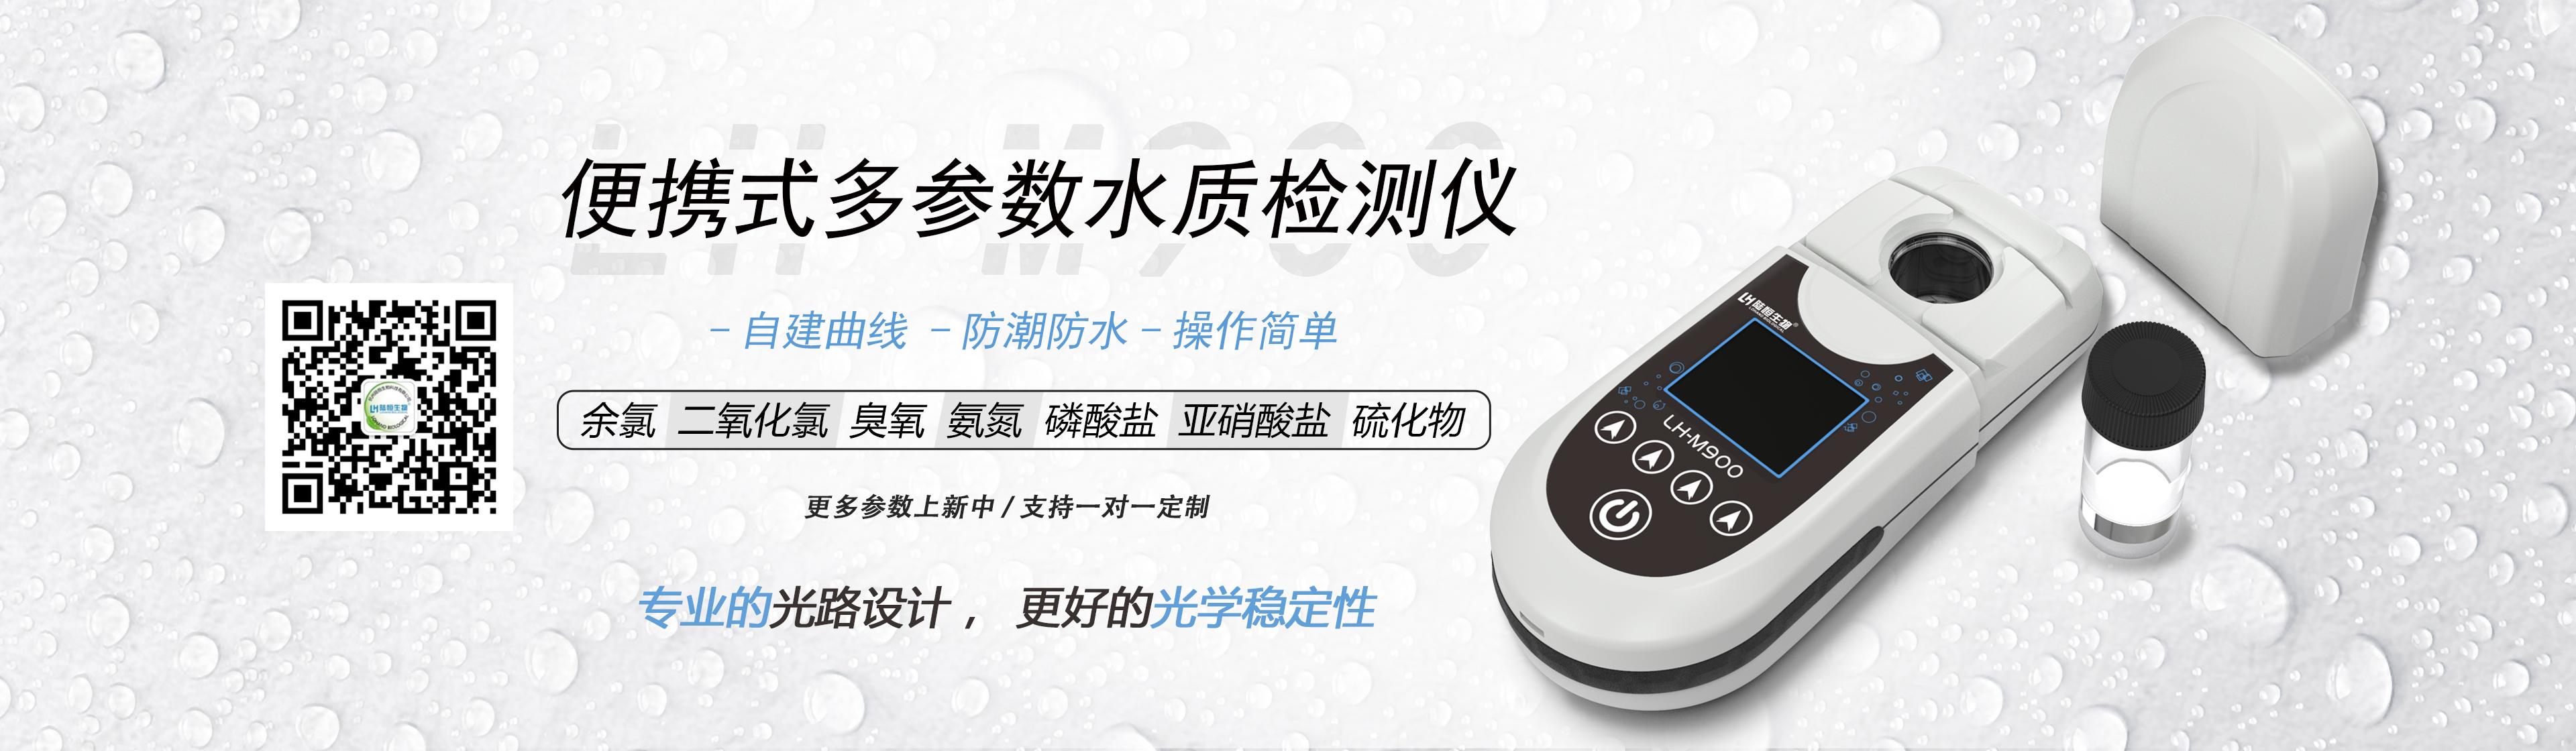 banner-多參數檢測儀LH-M900